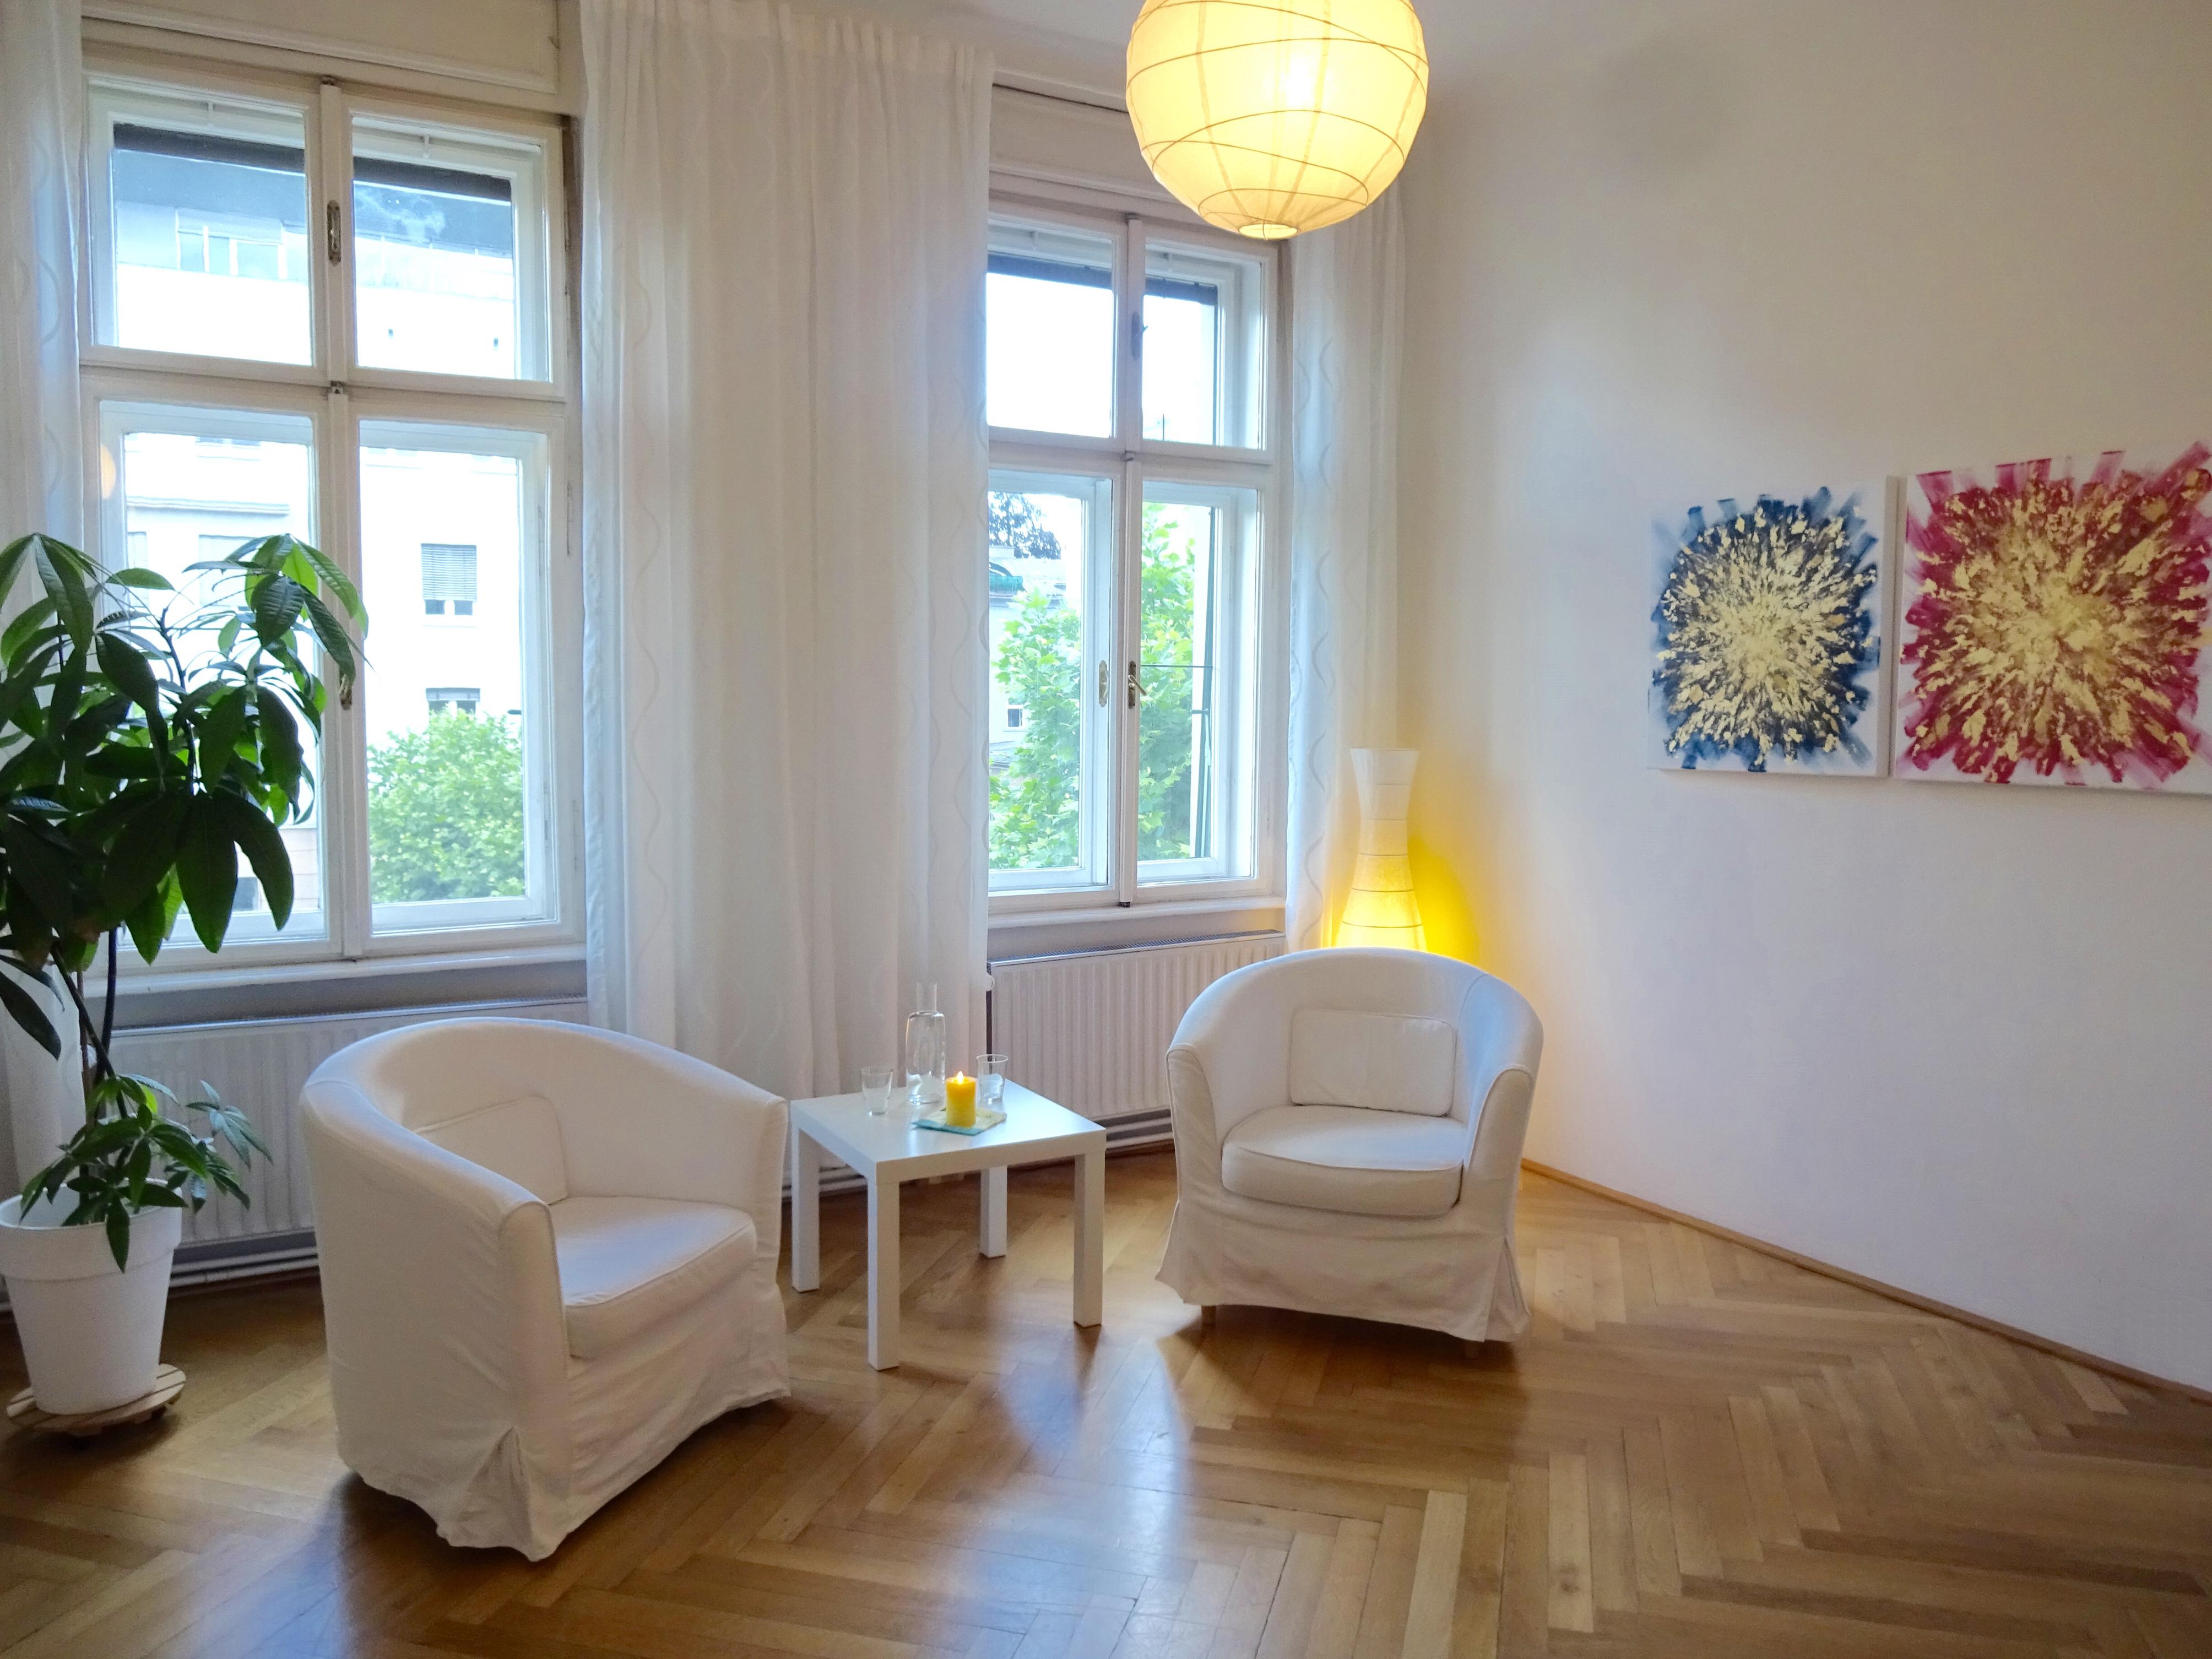 Vertraulicher Rahmen - Psychologie in Salzburg